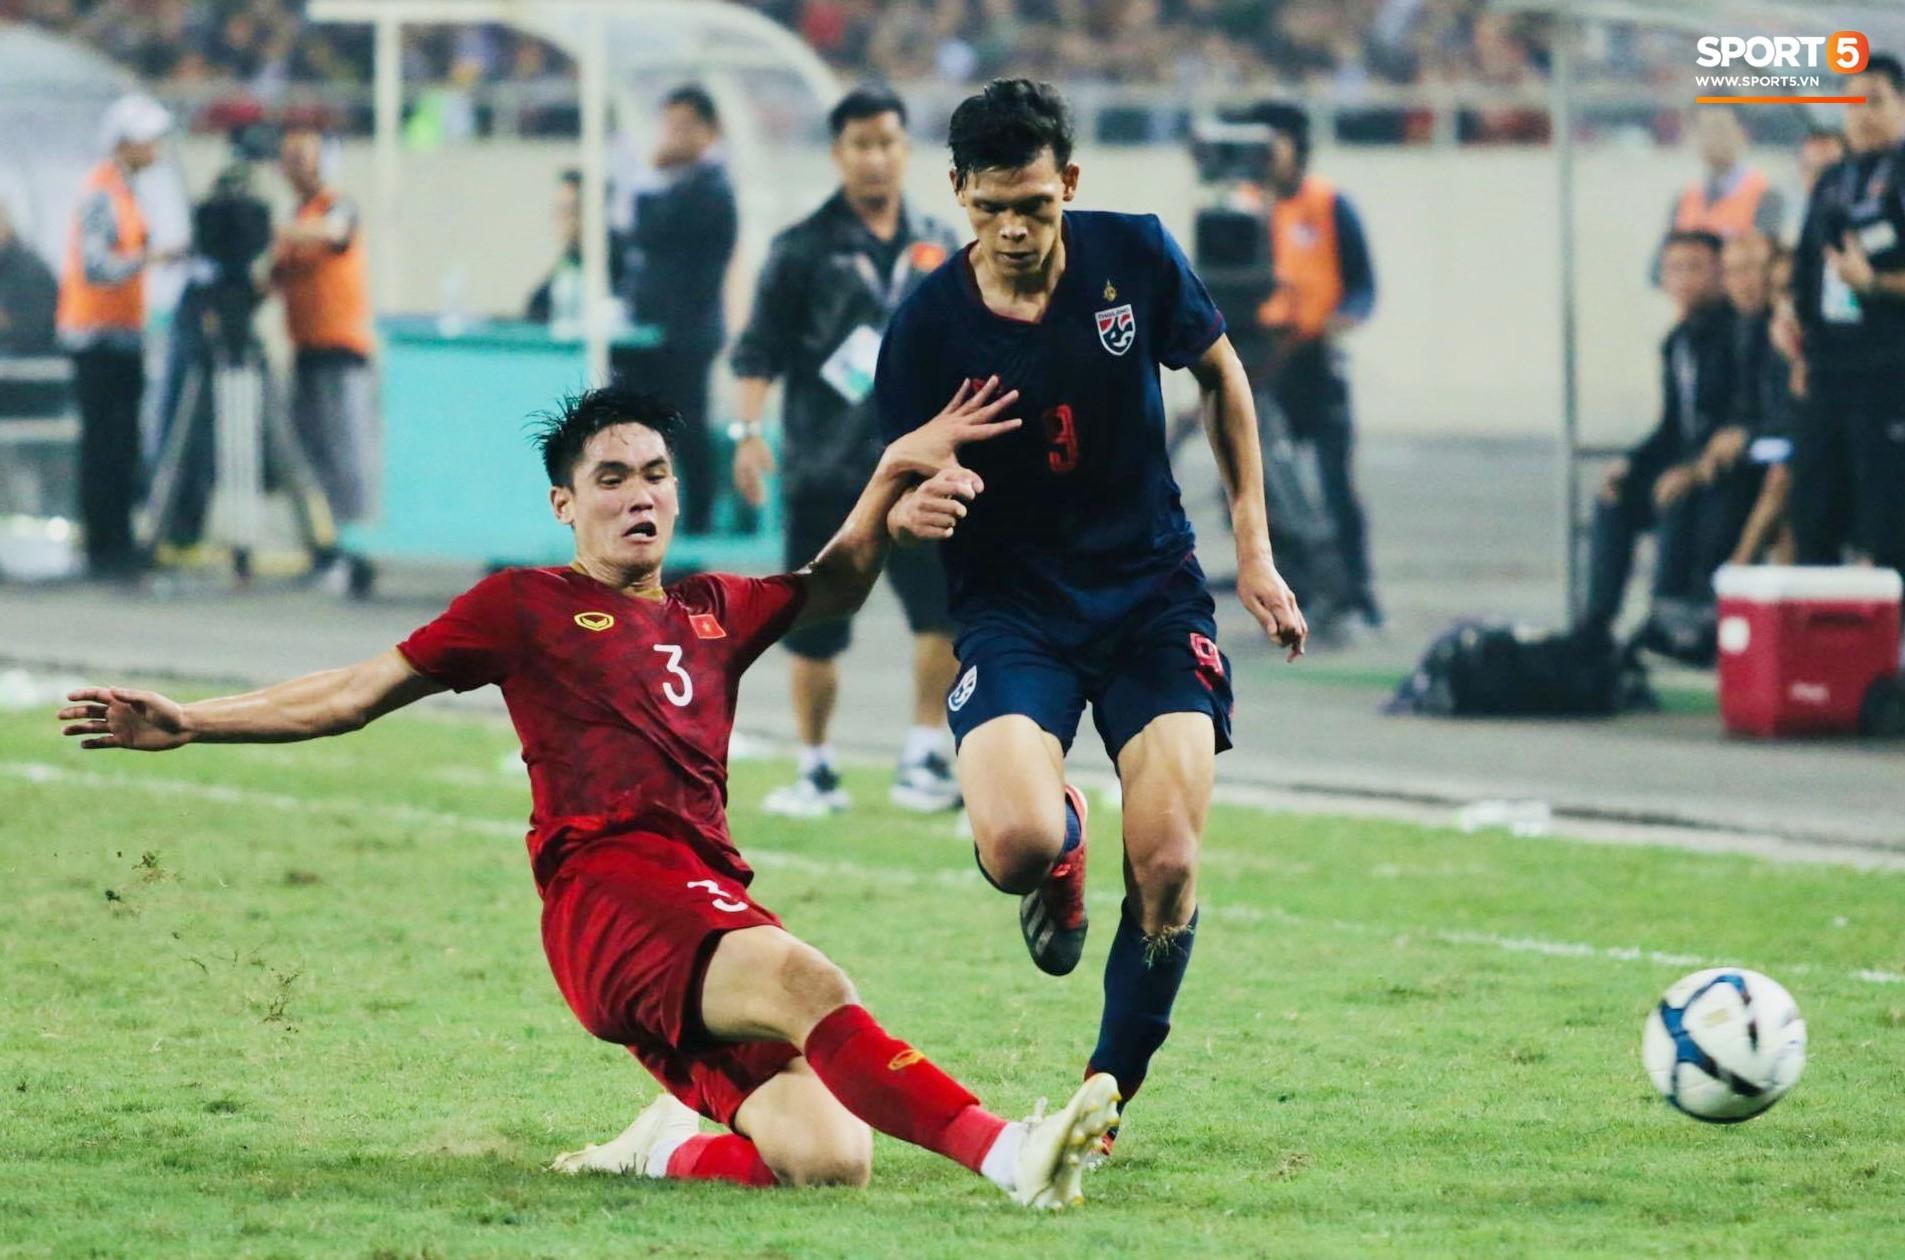 Đến HLV của U23 Thái Lan cũng phải like pha đi bóng và kiến tạo ảo diệu của Quang Hải-1